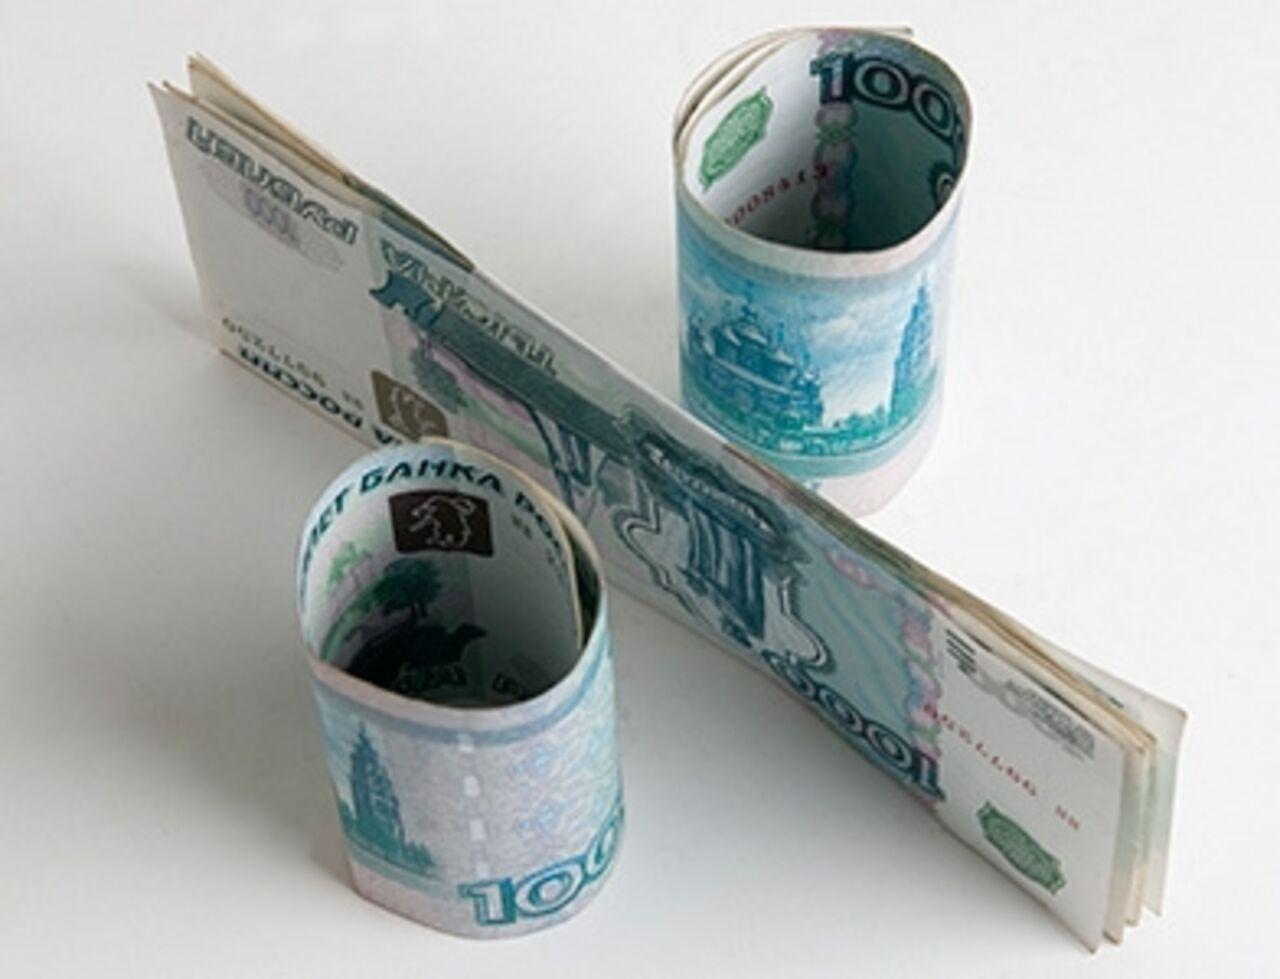 Рефинансирование ипотеки других банков: 10 лучших предложений 2018 года